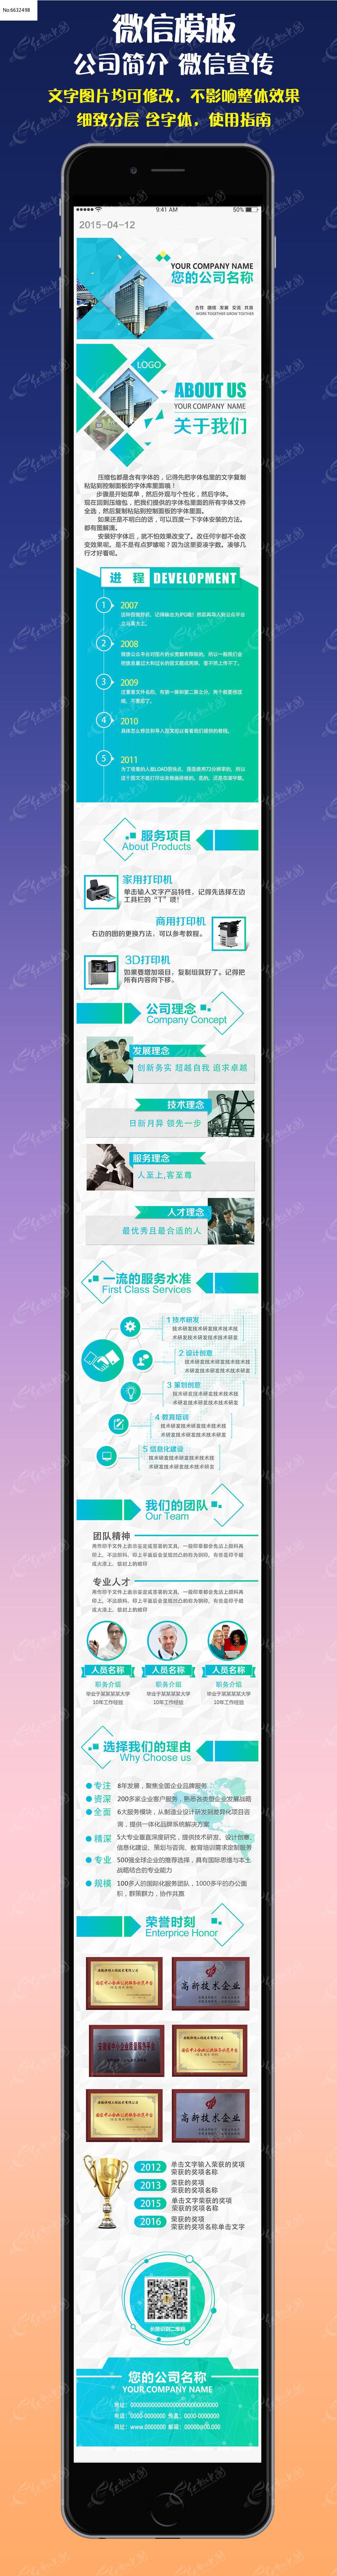 蓝色企业文化微信图文信息模板图片